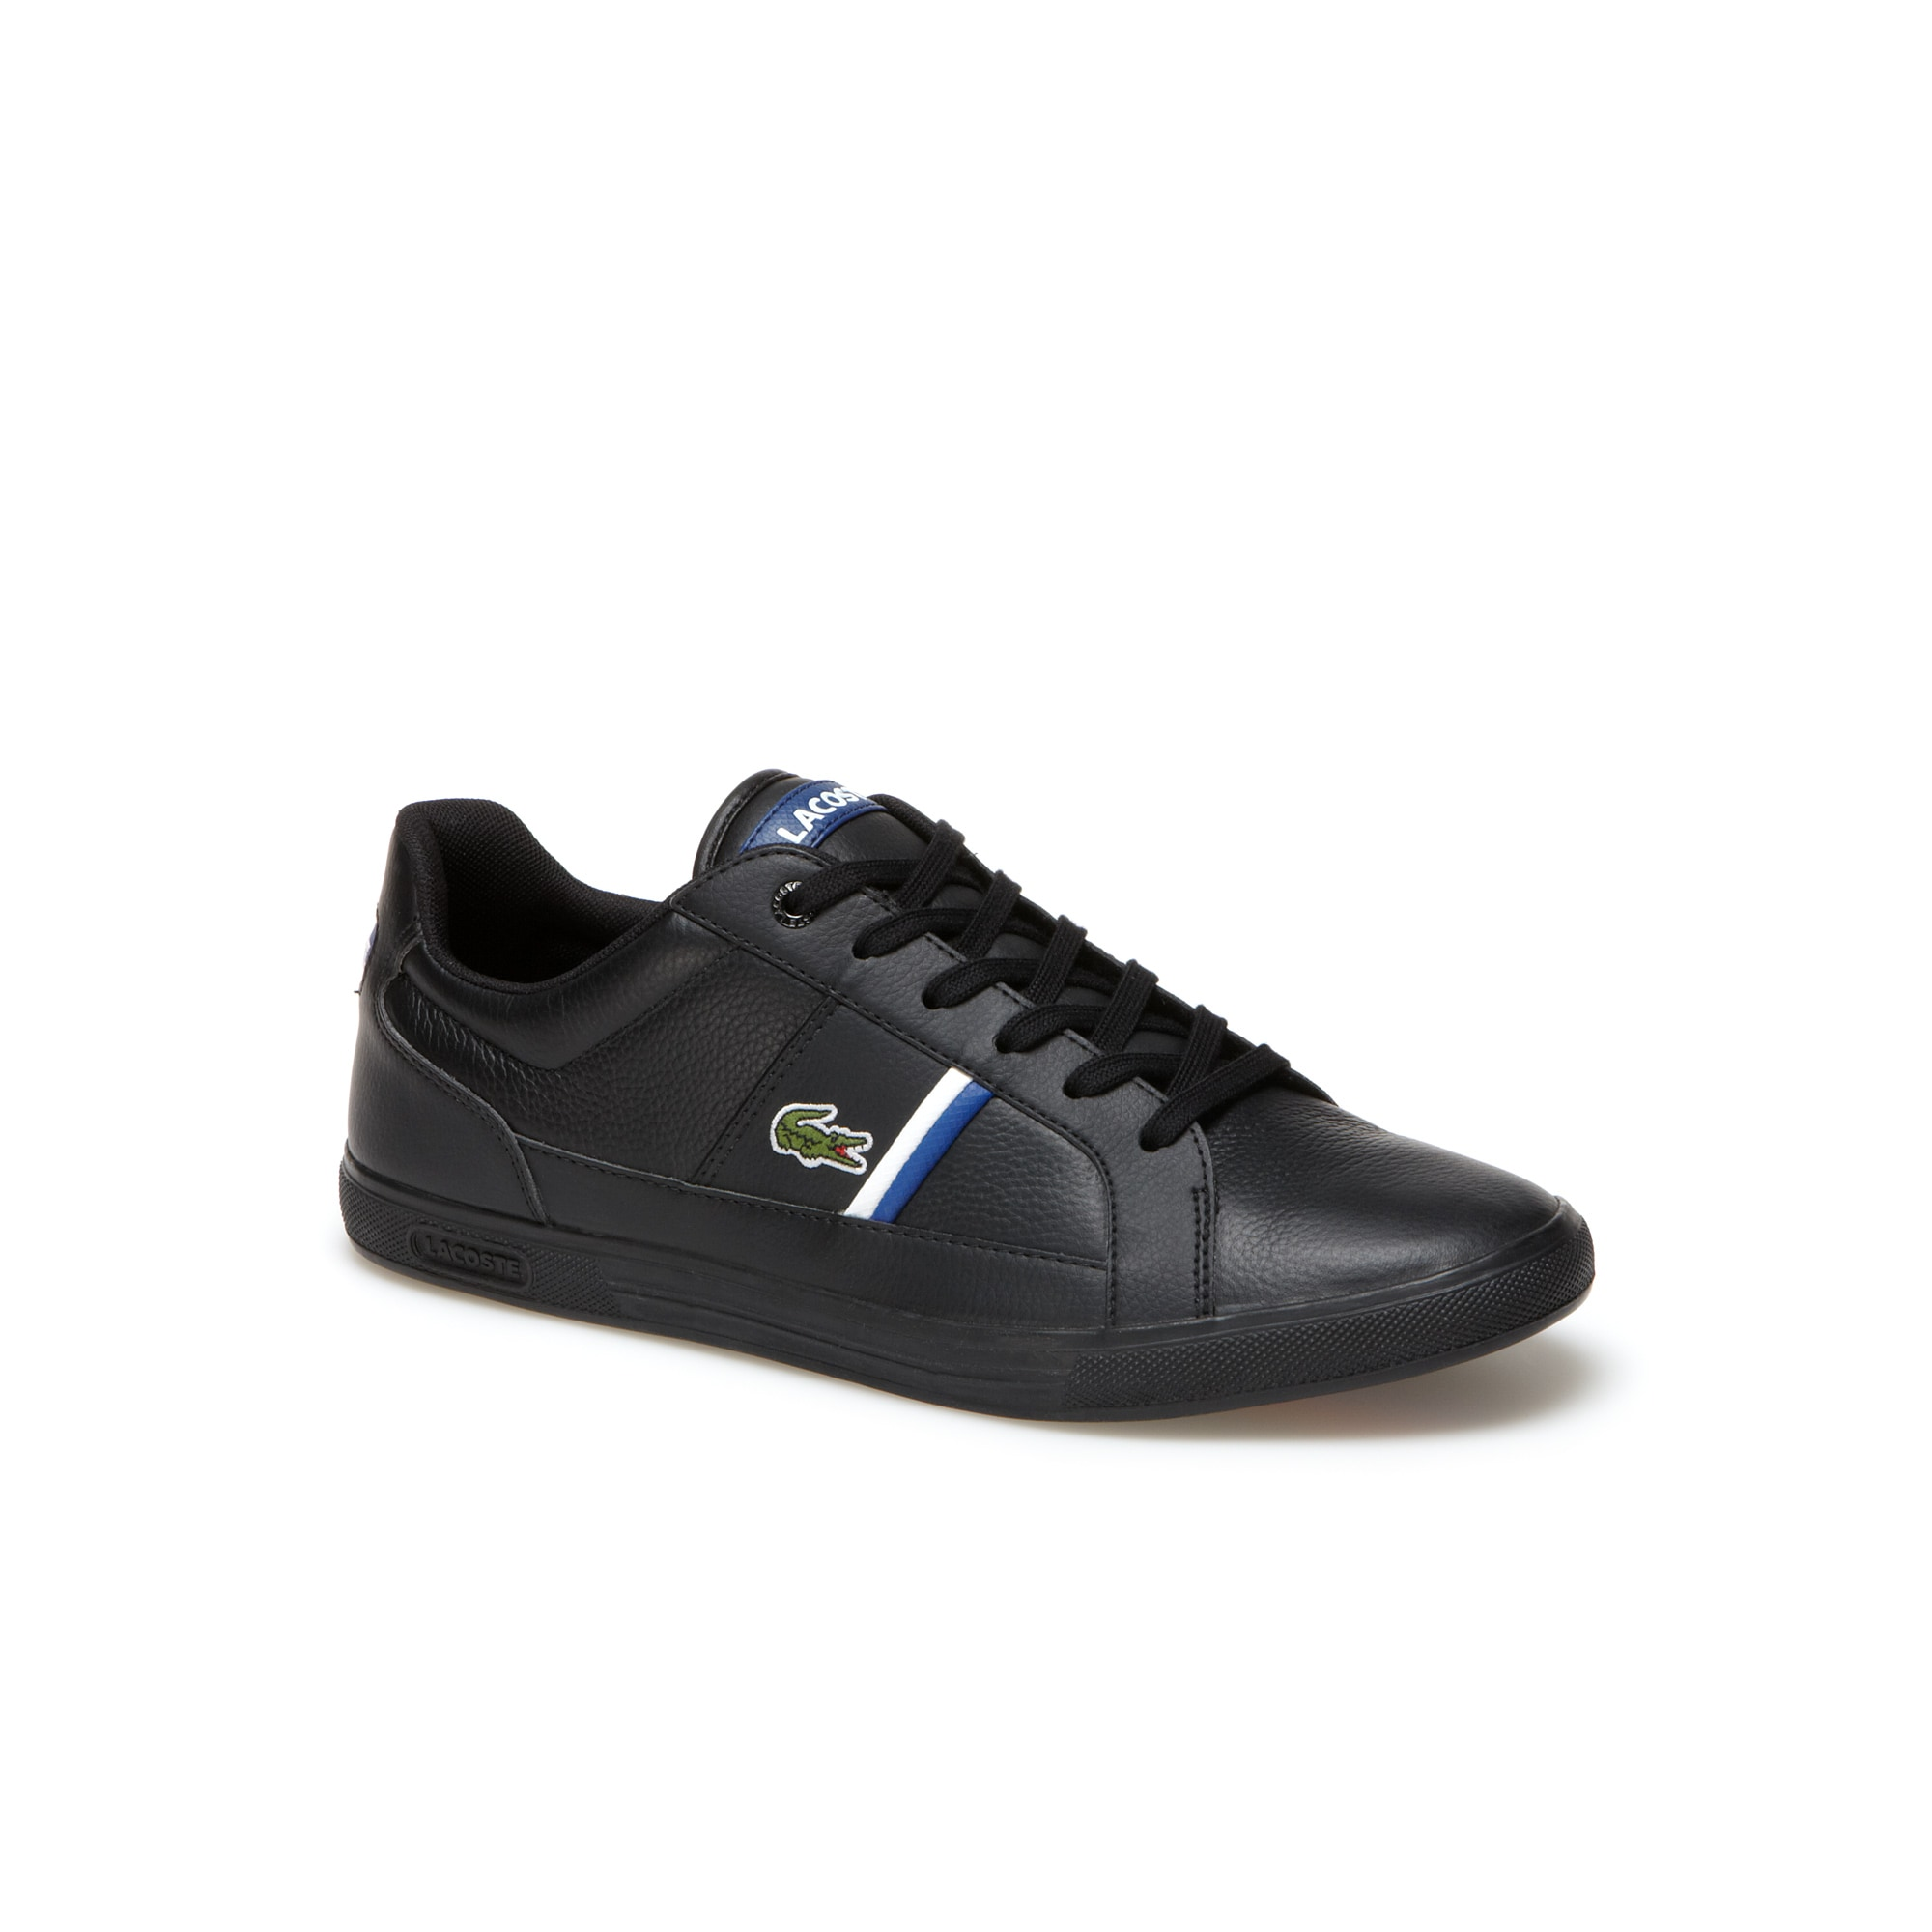 Sneakers Europa in pelle premium con particolari tricolori